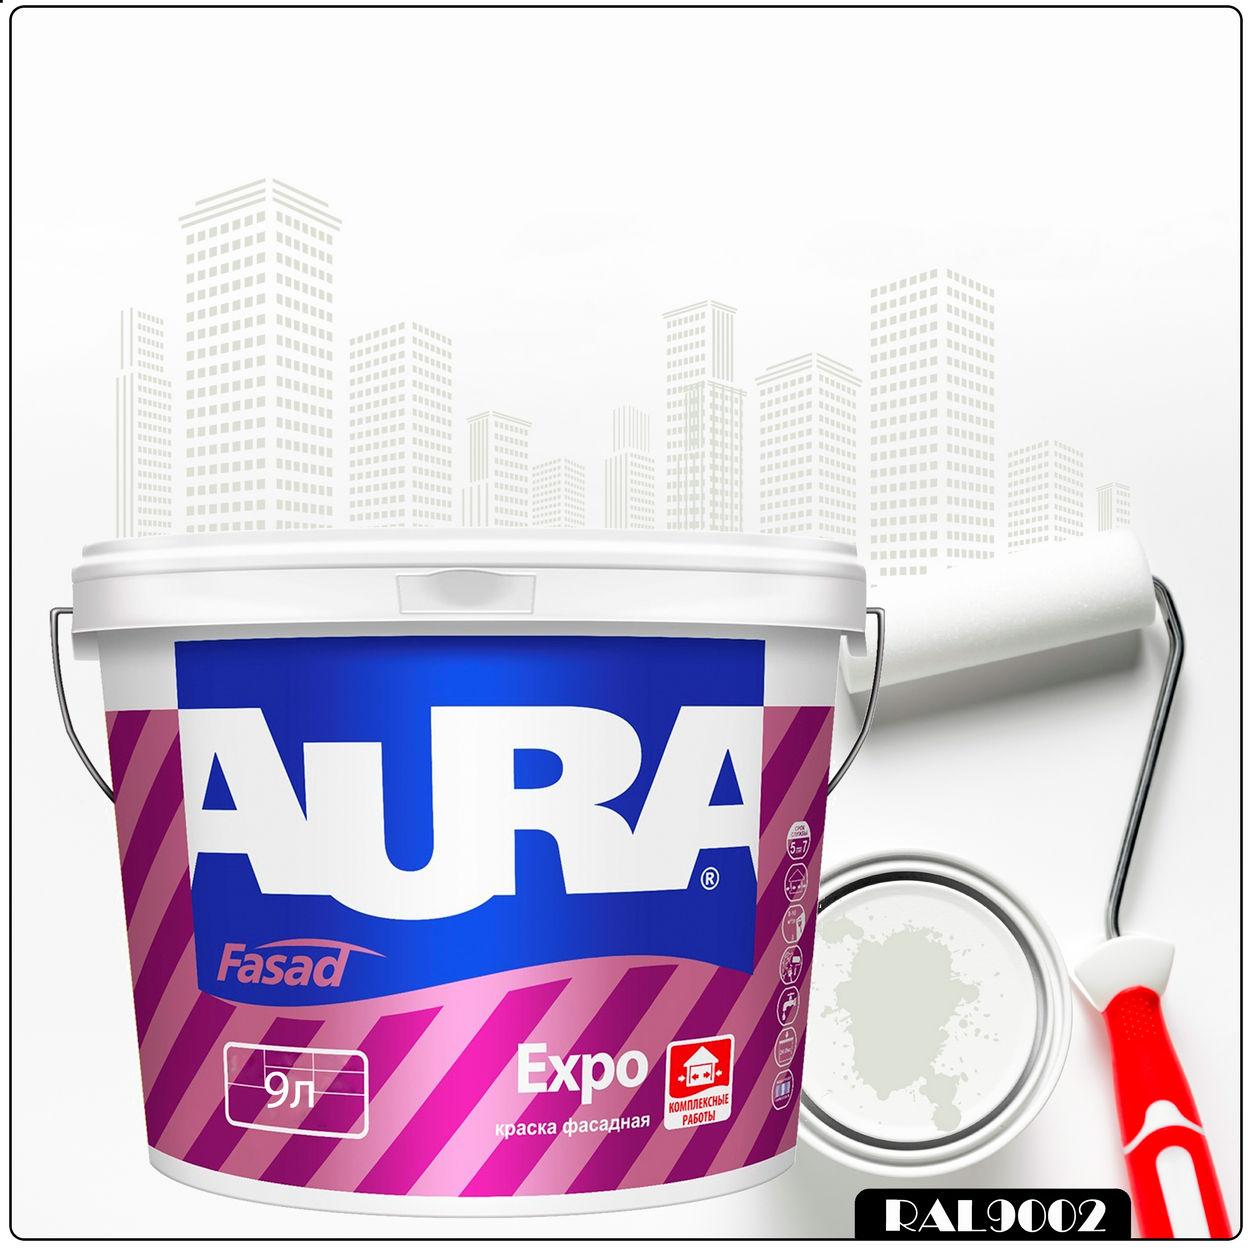 Фото 2 - Краска Aura Fasad Expo, RAL 9002 Серо-белый, матовая, для фасадов и помещений с повышенной влажностью, 9л.